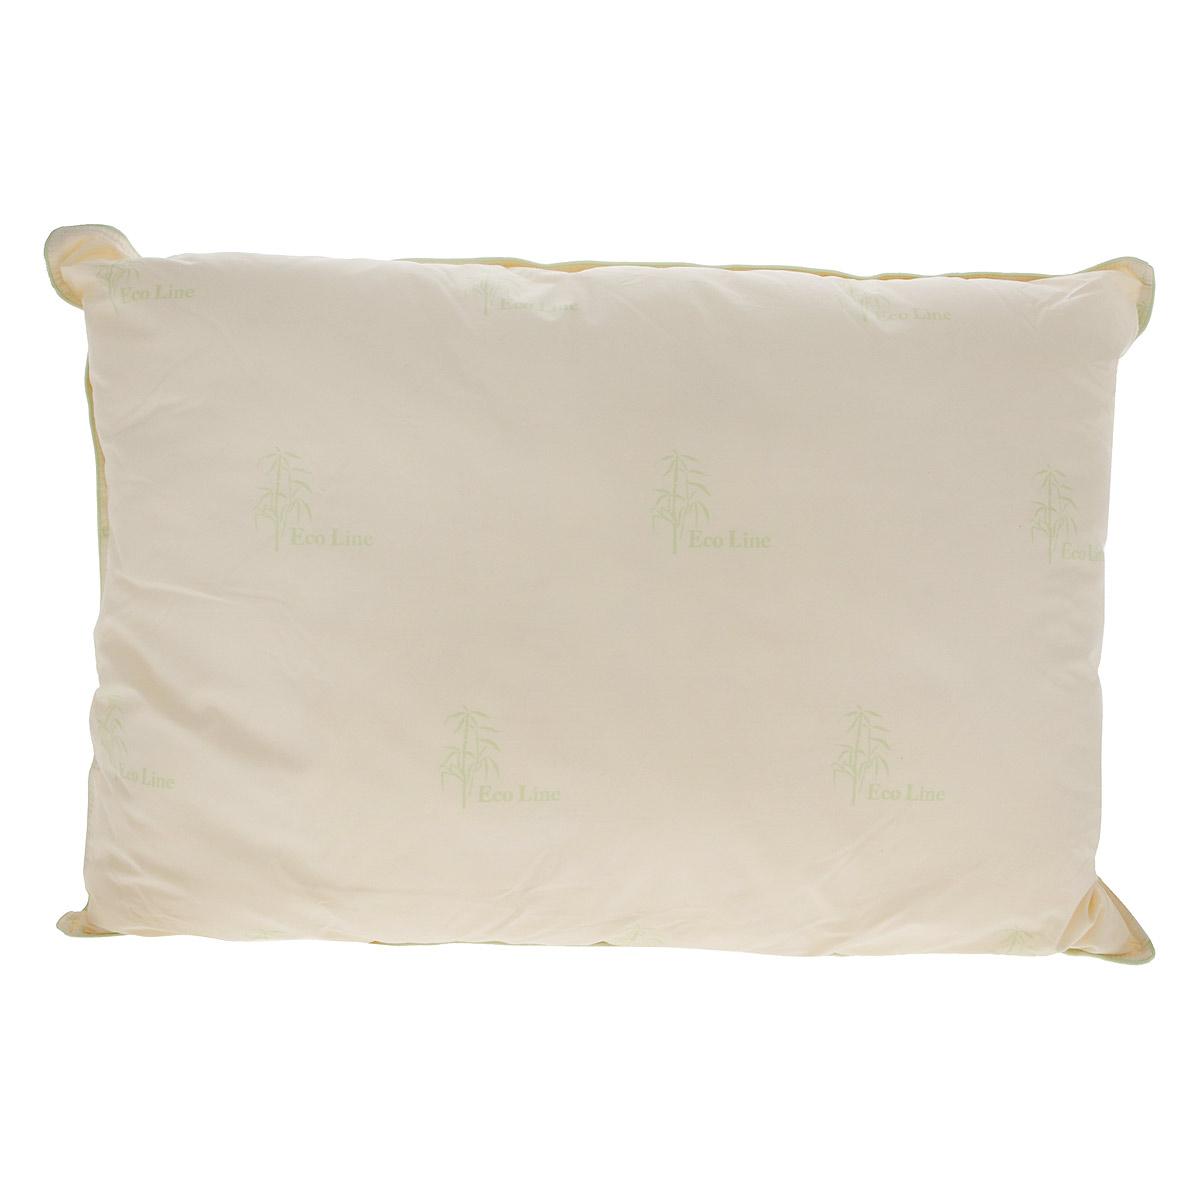 Подушка La Prima Бамбук, наполнитель: бамбук, полиэфирное волокно, цвет: бежевый, 50 х 70 смS03301004Подушка La Prima Бамбук очень легкая, воздушная и одновременно теплая. Идеально подойдет тем, кто ценит мягкость и тепло. Такое изделие подарит комфортный сон. Чехол подушки выполнен из 100% хлопка, оформлен изображением бамбука. Наполнитель - натуральные волокна бамбука. Бамбук обладает антибактериальным эффектом, поддерживает внутренний микроклимат, успокаивает, восстанавливает силы, гипоаллергенен. Ручная стирка при температуре 30°С. Материал чехла: 100% хлопок.Наполнитель: бамбук, полиэфирное волокно.